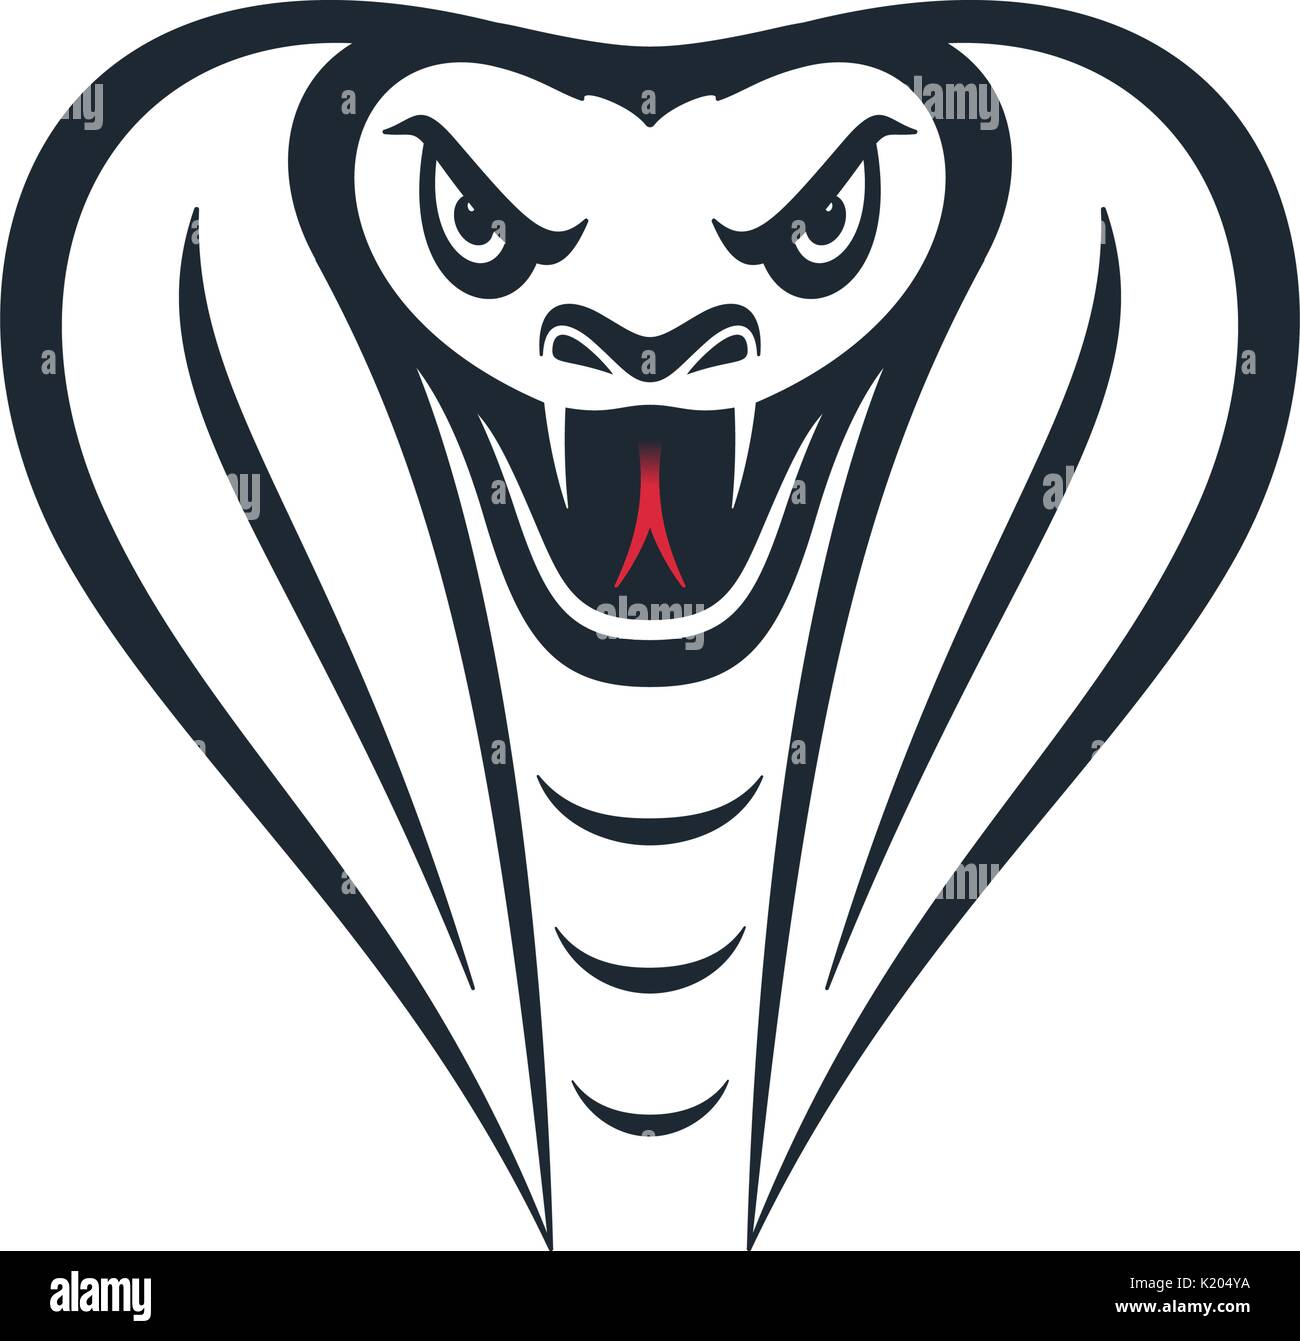 Cabeza De Cobra Furiosa Sobre Fondo Blanco Diseño De Cabeza De Serpiente Ilustración Vectorial Imagen Vector De Stock Alamy